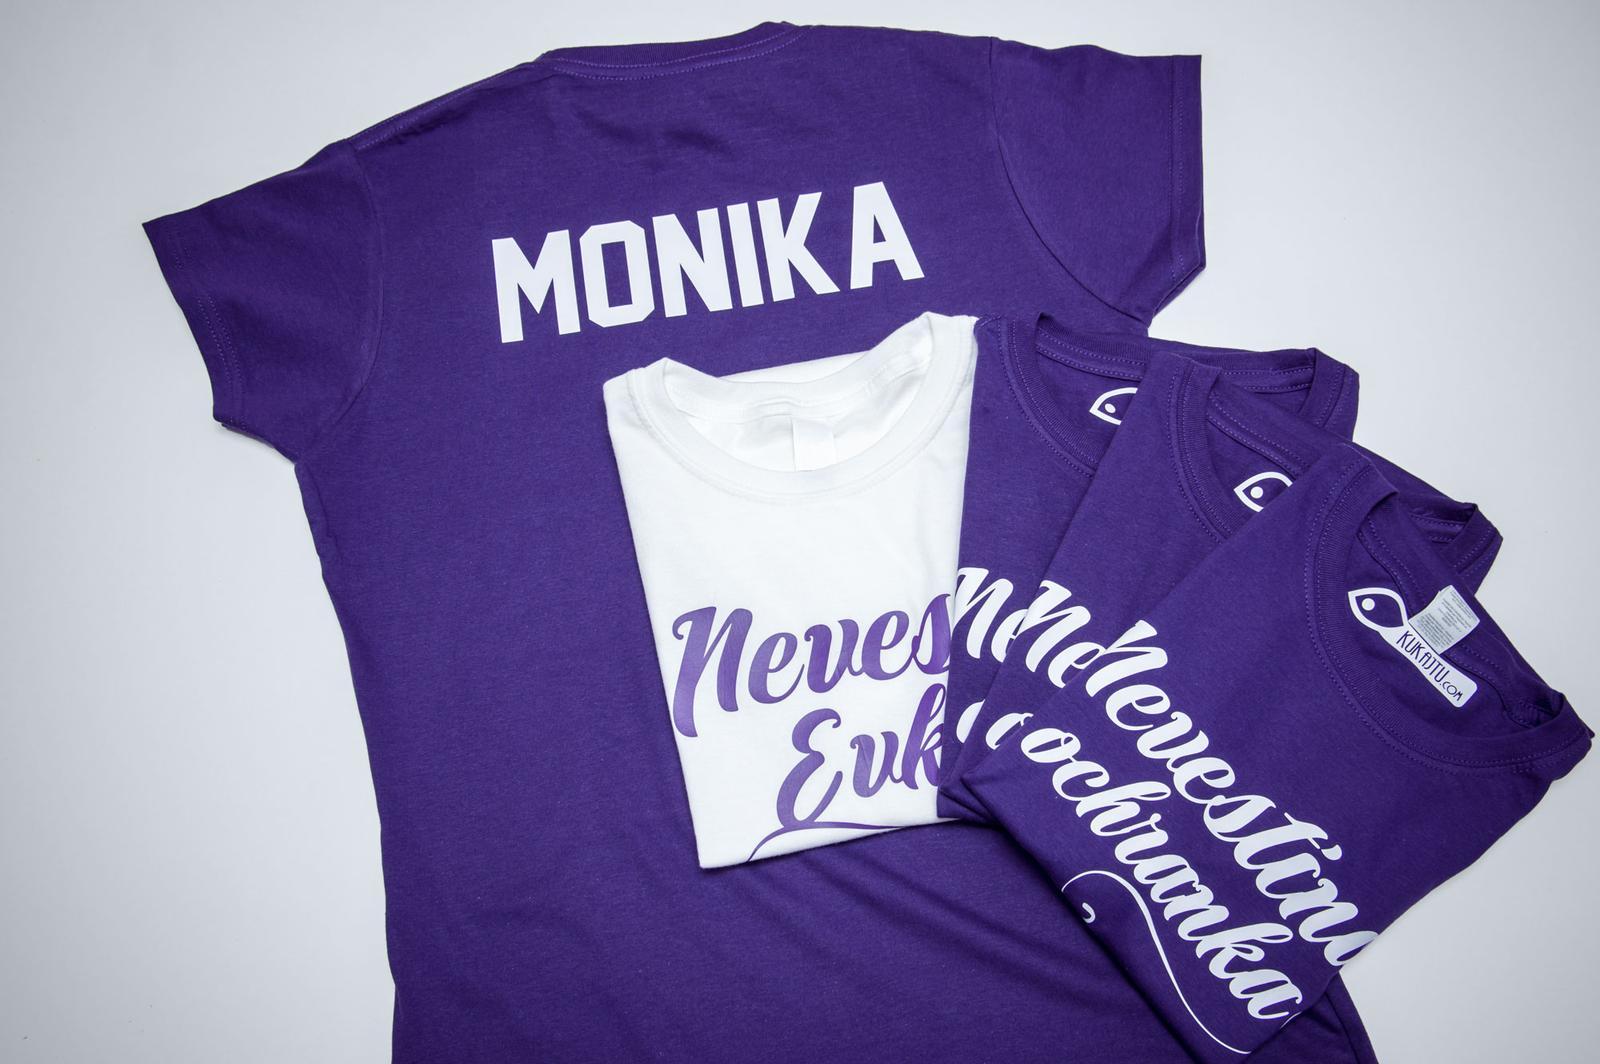 Nevestička a Ženích ♥ - trička na želanie podľa vlastných predstáv - Nevesta a jej ochranka + mená na chrbte - vo fialovom